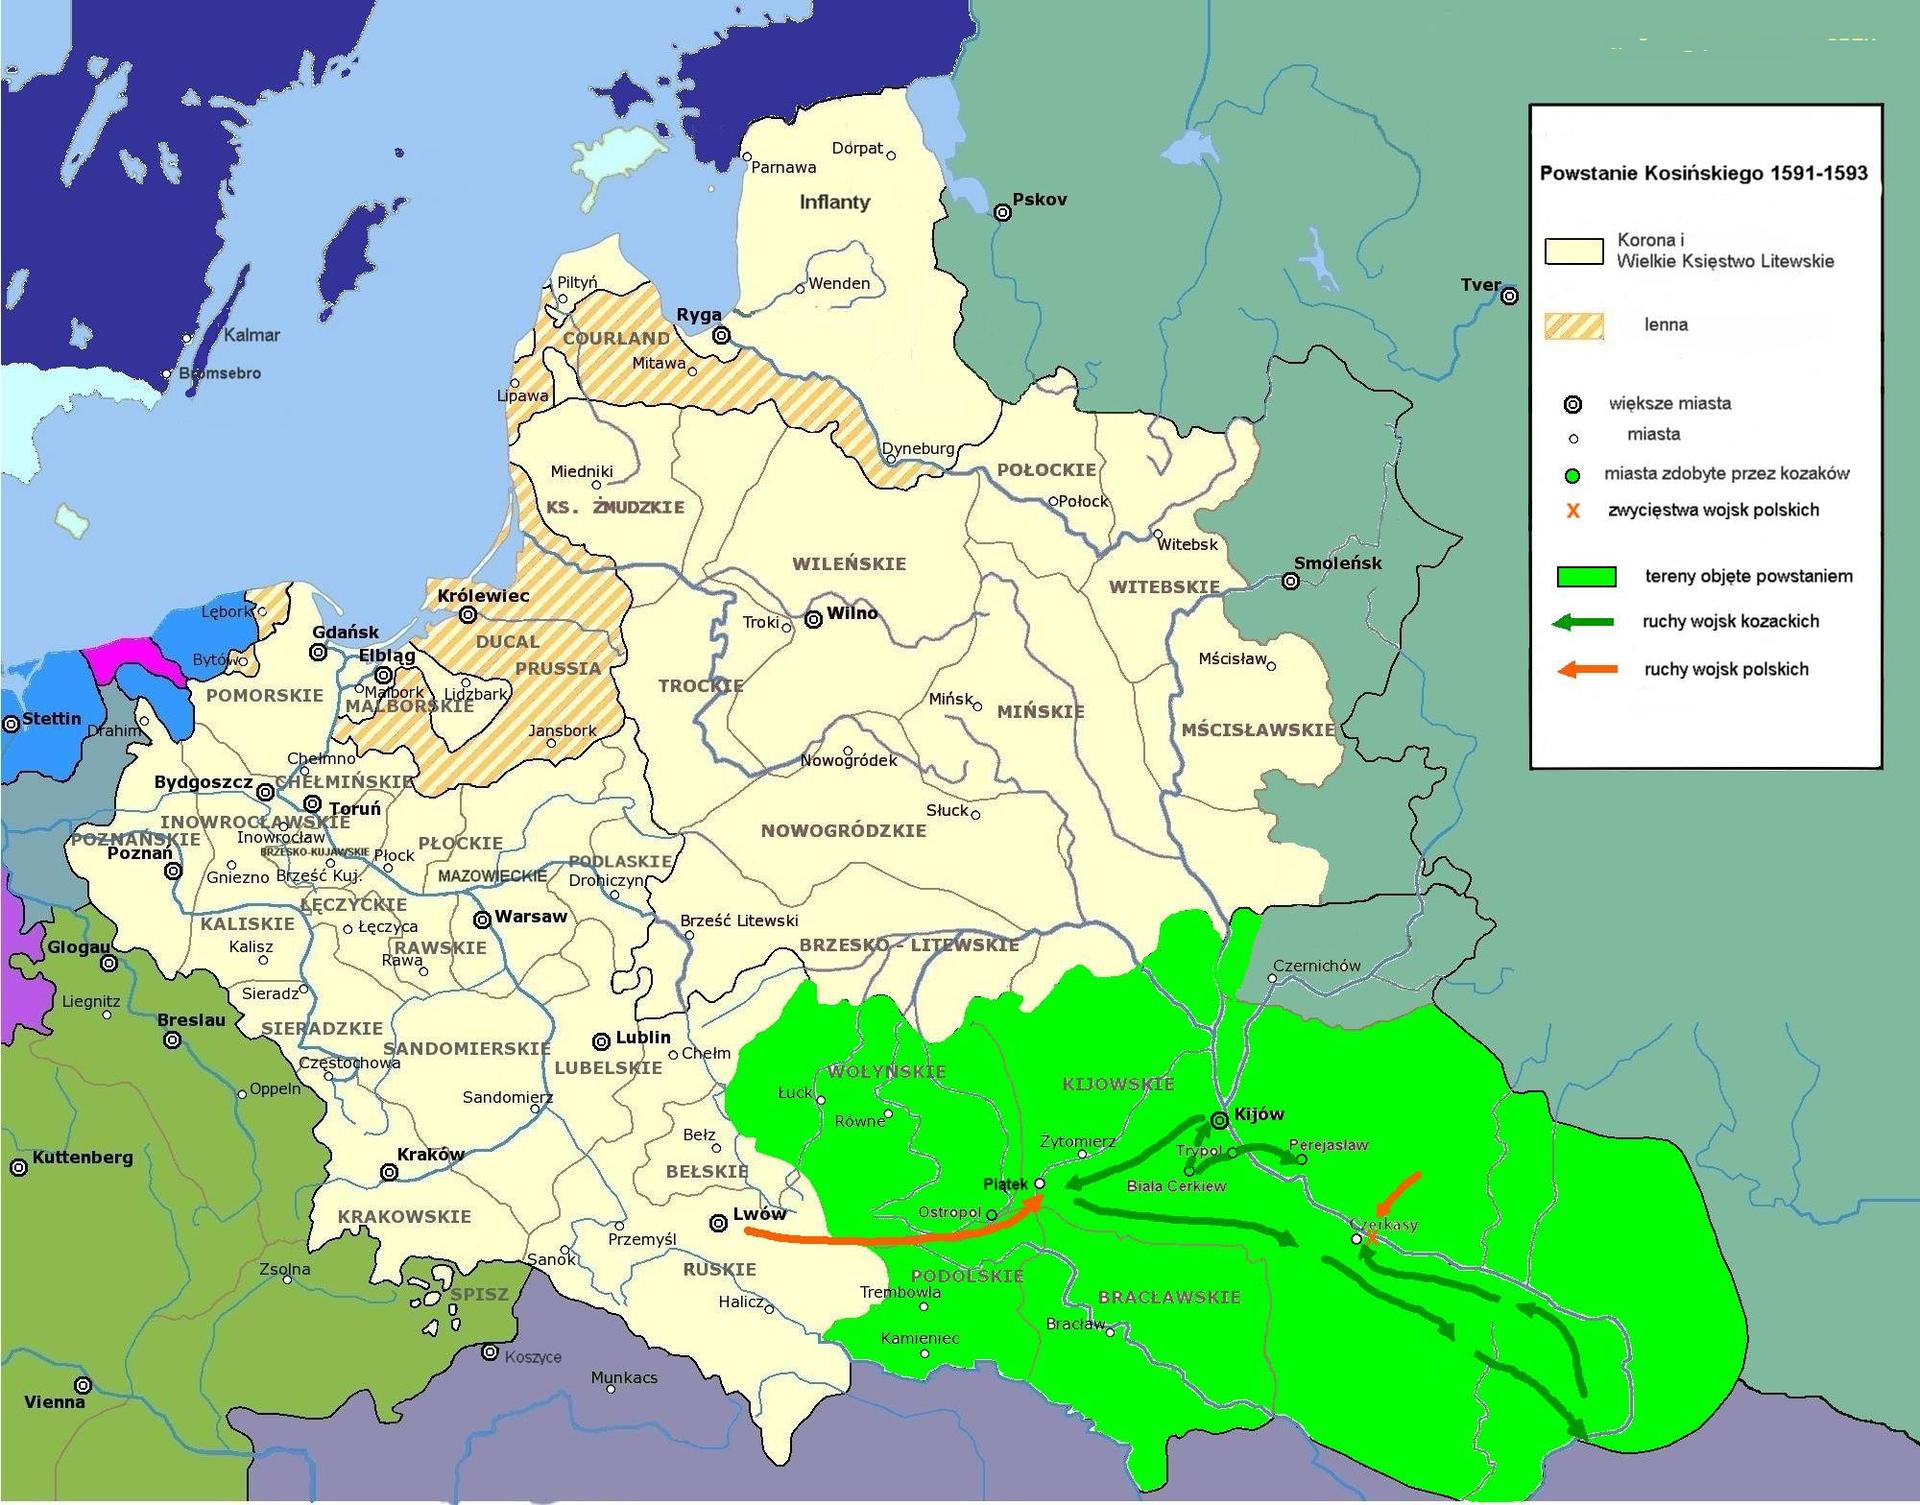 Powstanie Kosińskiego zlat 1591-1593. Powstanie Kosińskiego zlat 1591-1593. Źródło: Maciej Szczepańczyk, Wikimedia Commons, licencja: CC BY-SA 3.0.